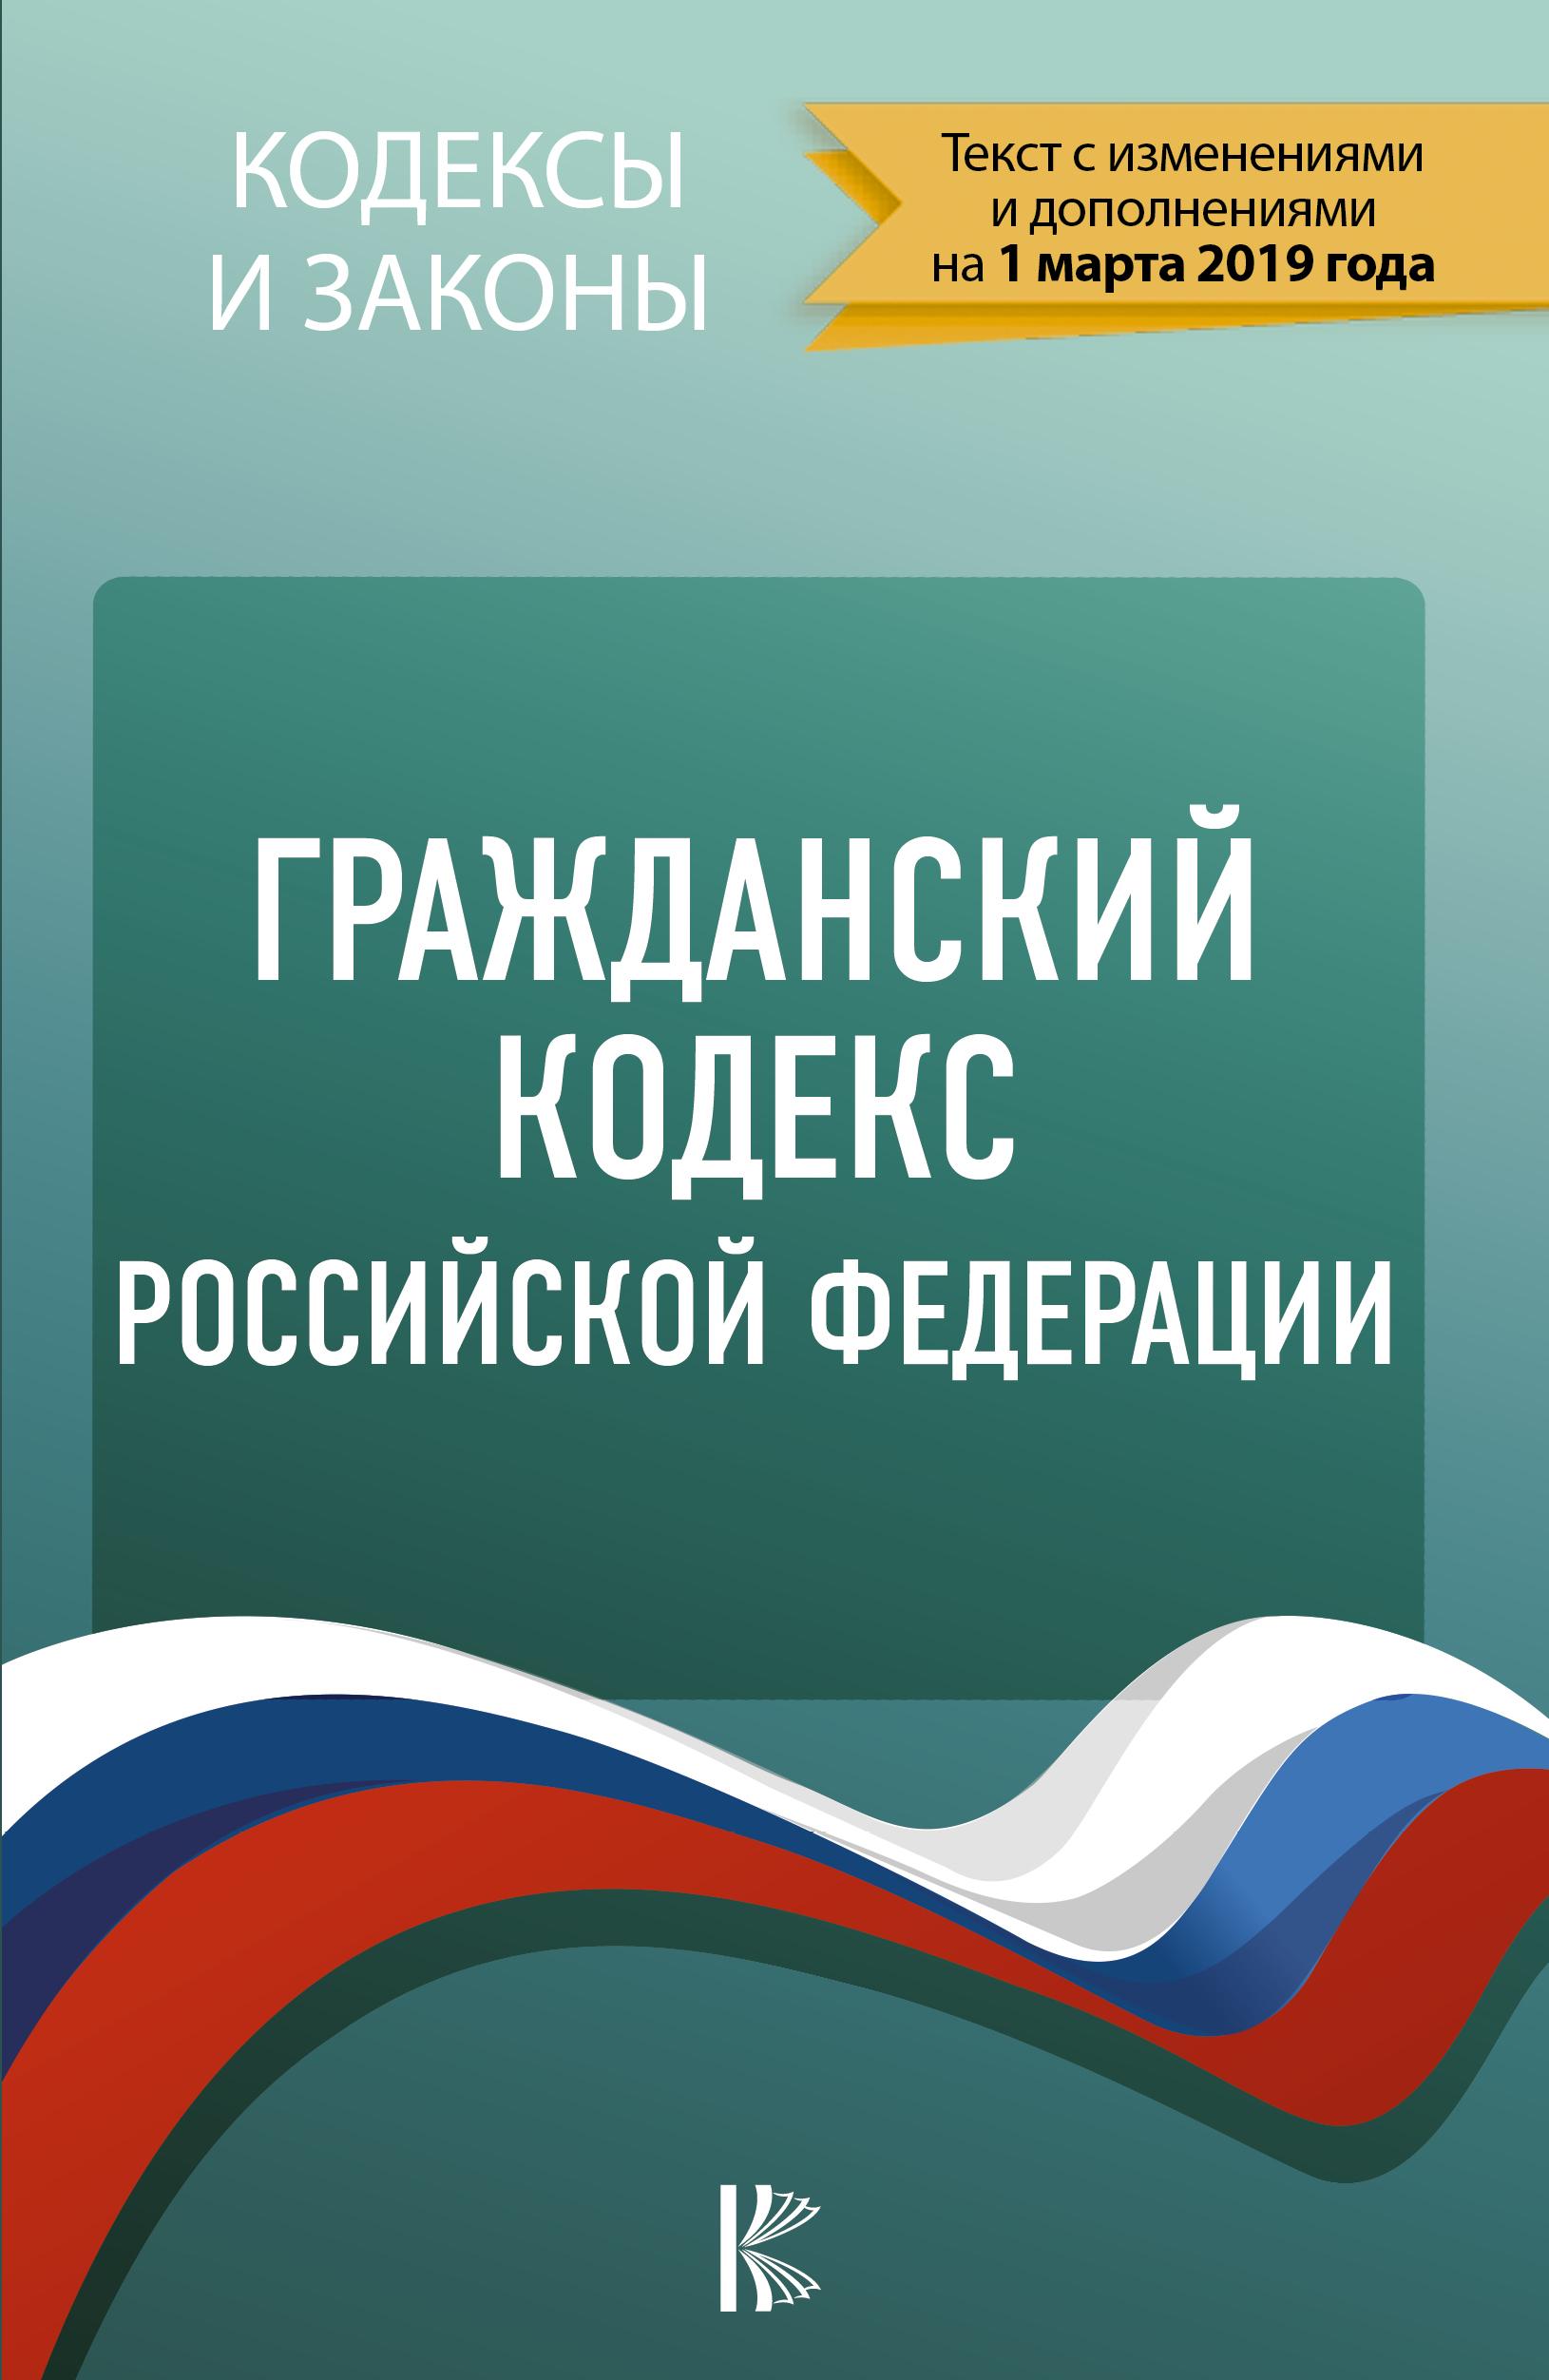 . Гражданский Кодекс Российской Федерации на 1 марта 2019 года